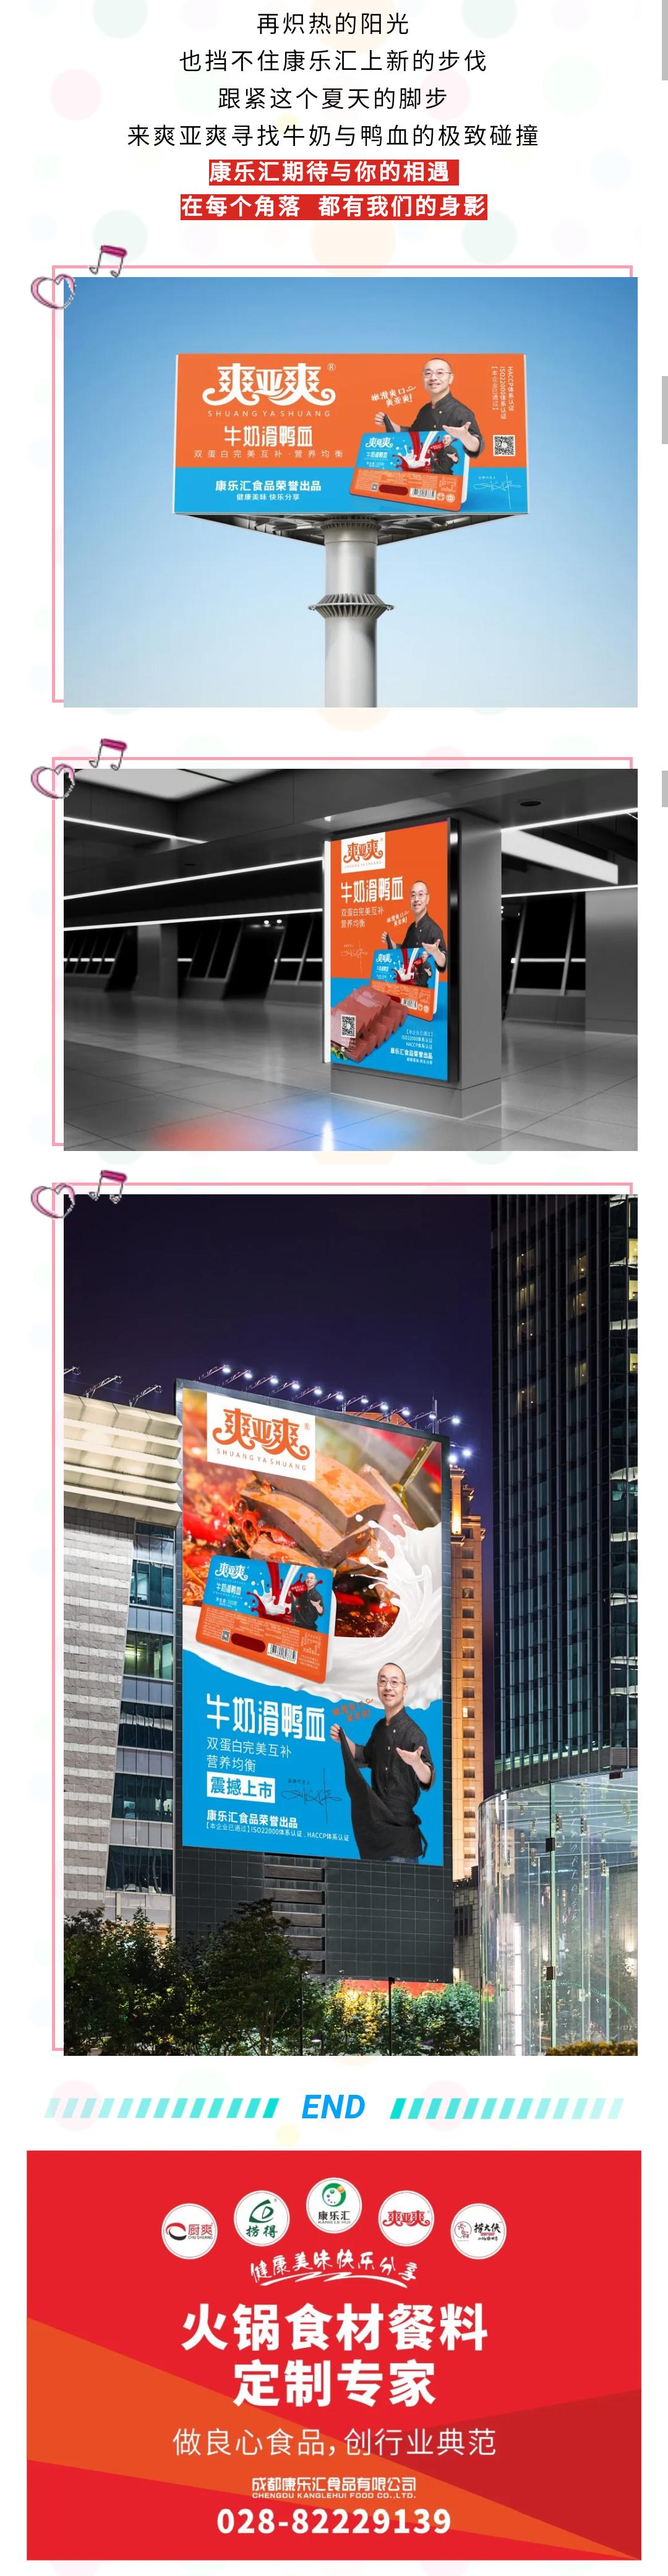 向日葵影视软件微信图片_20200521143112-拷贝_07.jpg